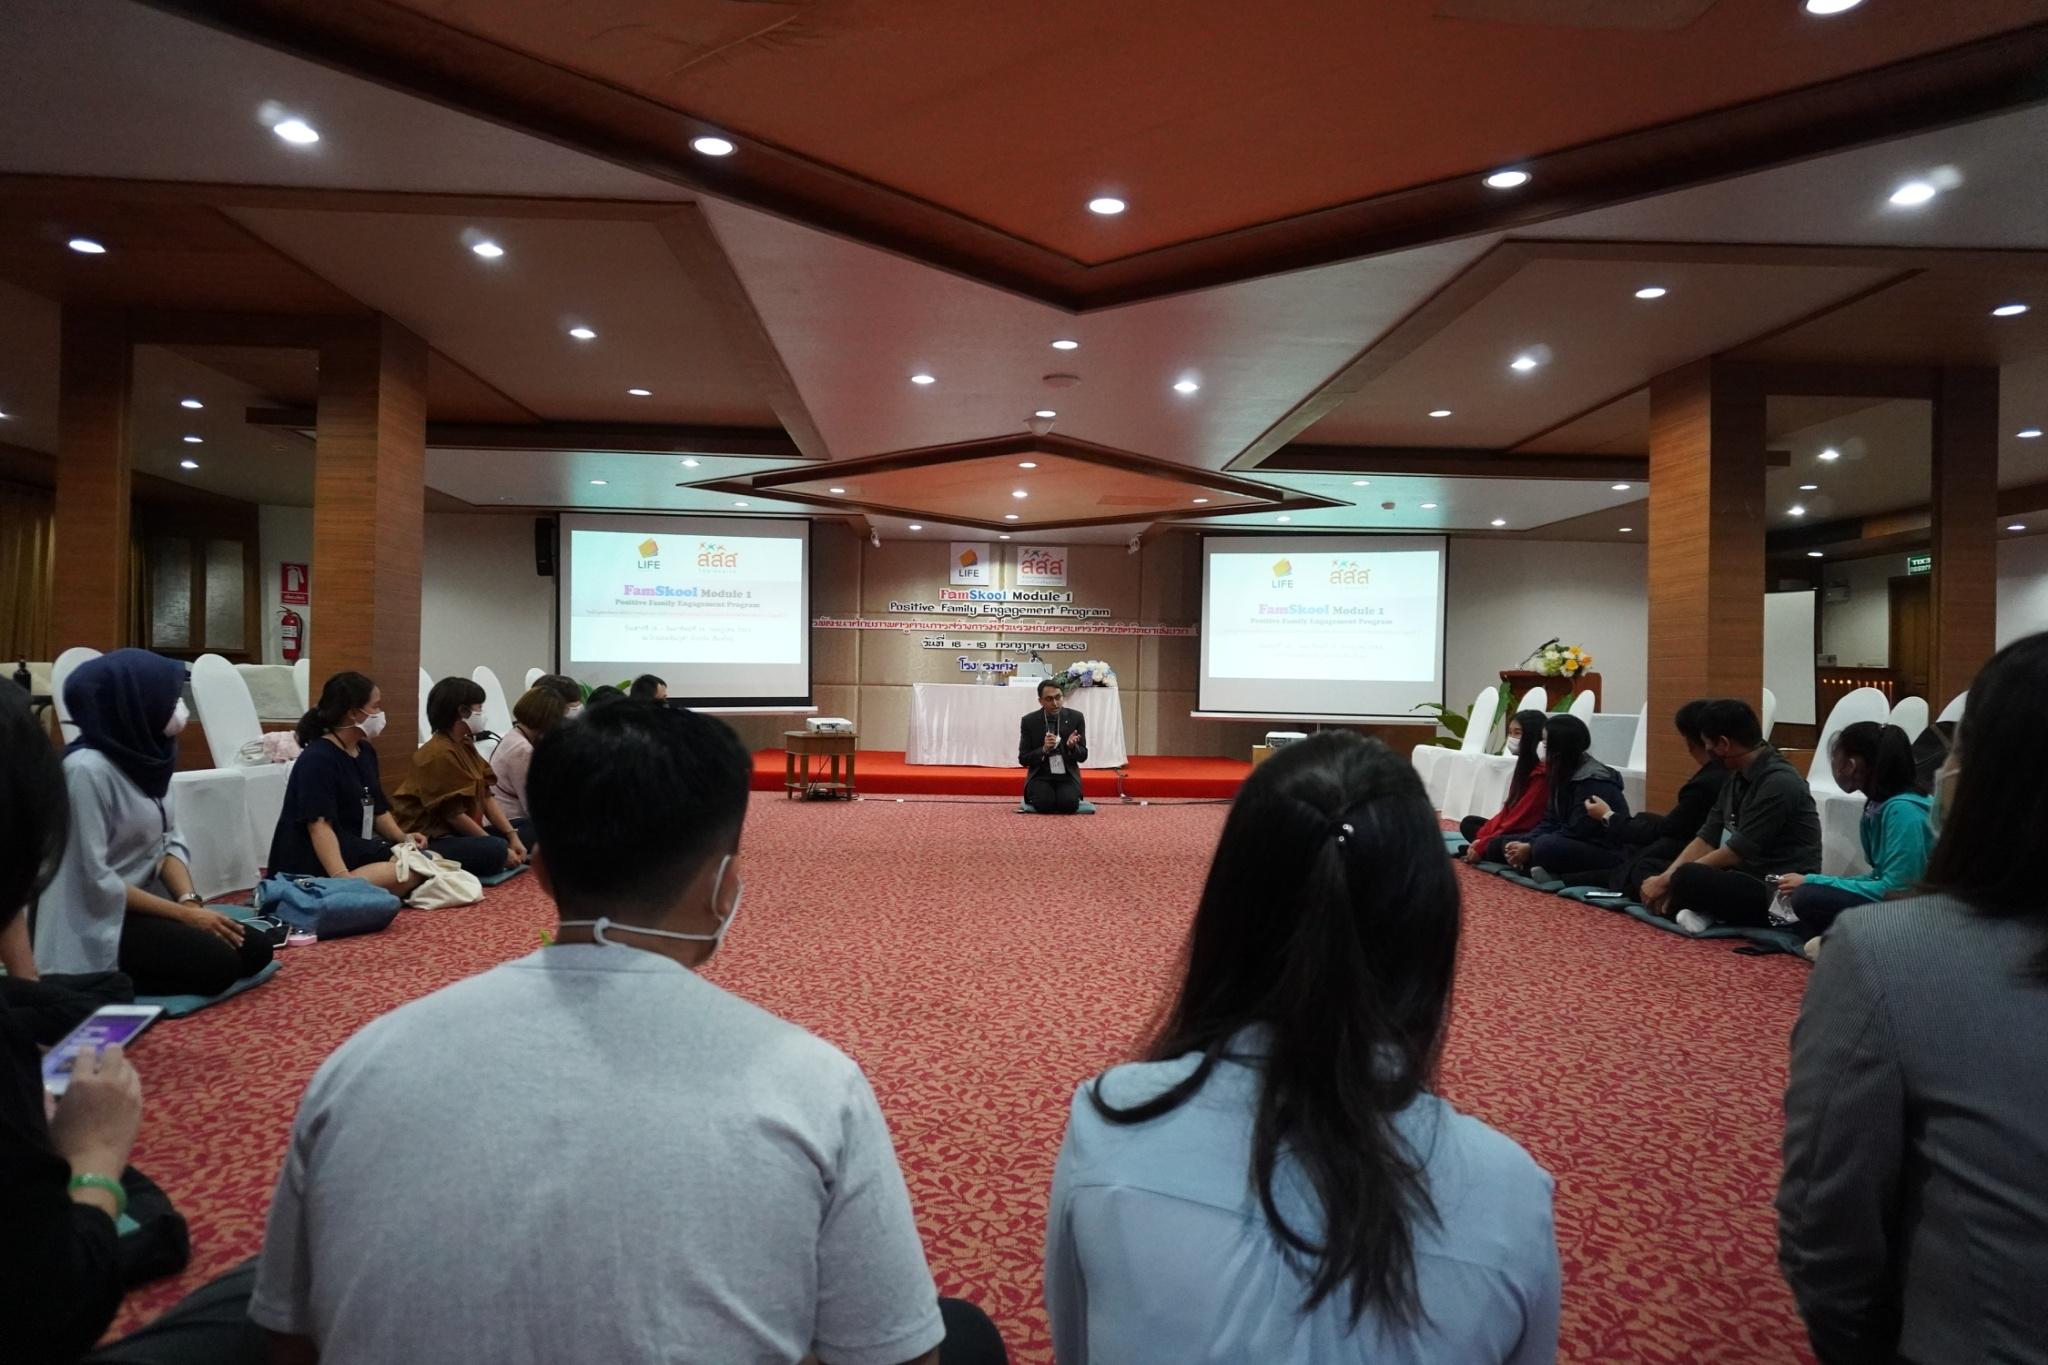 บันทึกการเดินทางของโครงการ FamSkool 2020-21 ภาคเหนือ Module 1 (6)